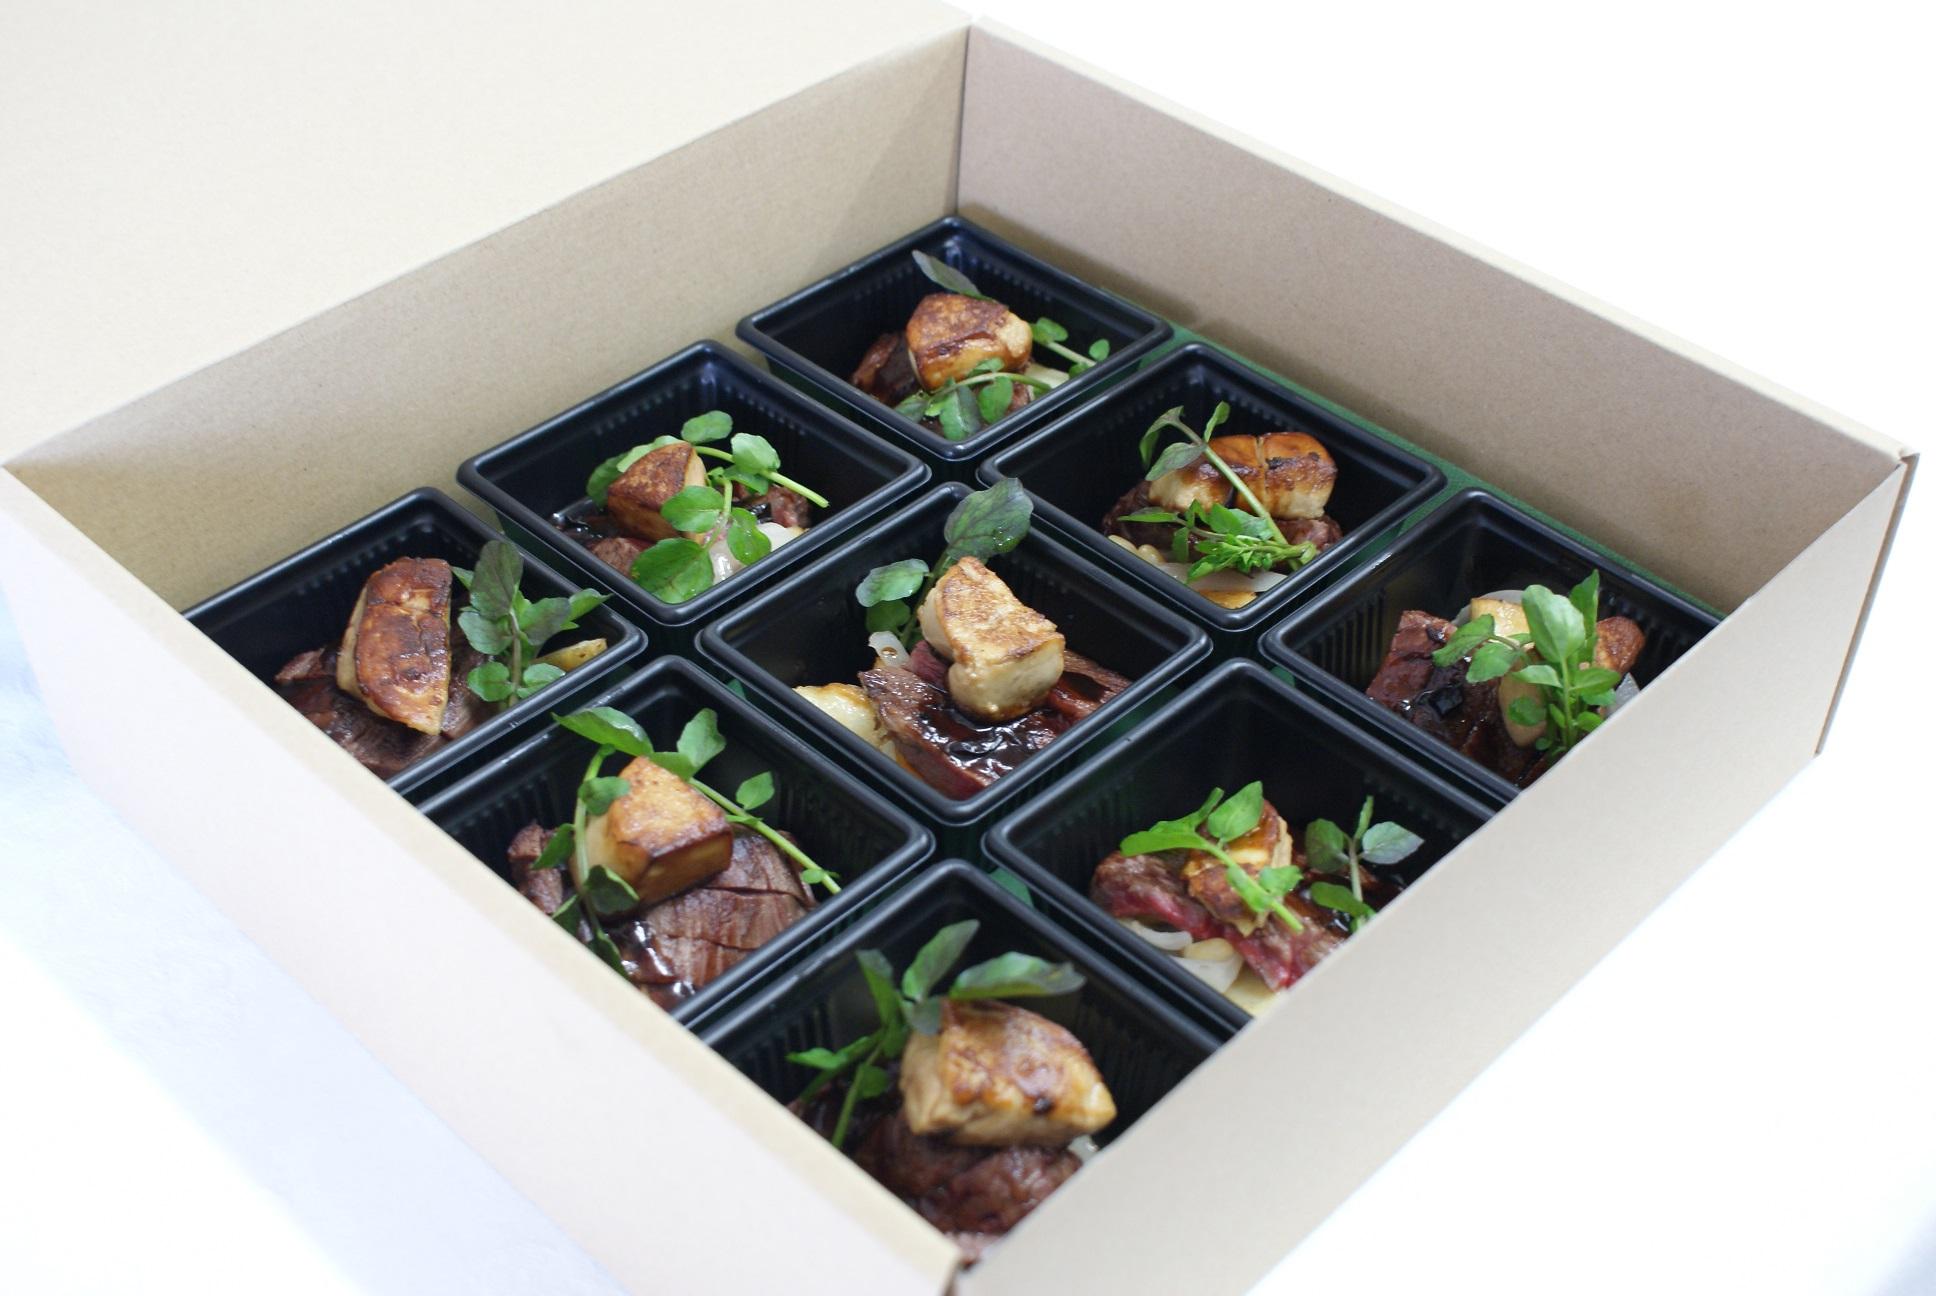 【完全個別包装のカップオードヴル】牛肉のソテーとフォアグラのロッシーニ風 と選べるカップオードヴル画像0